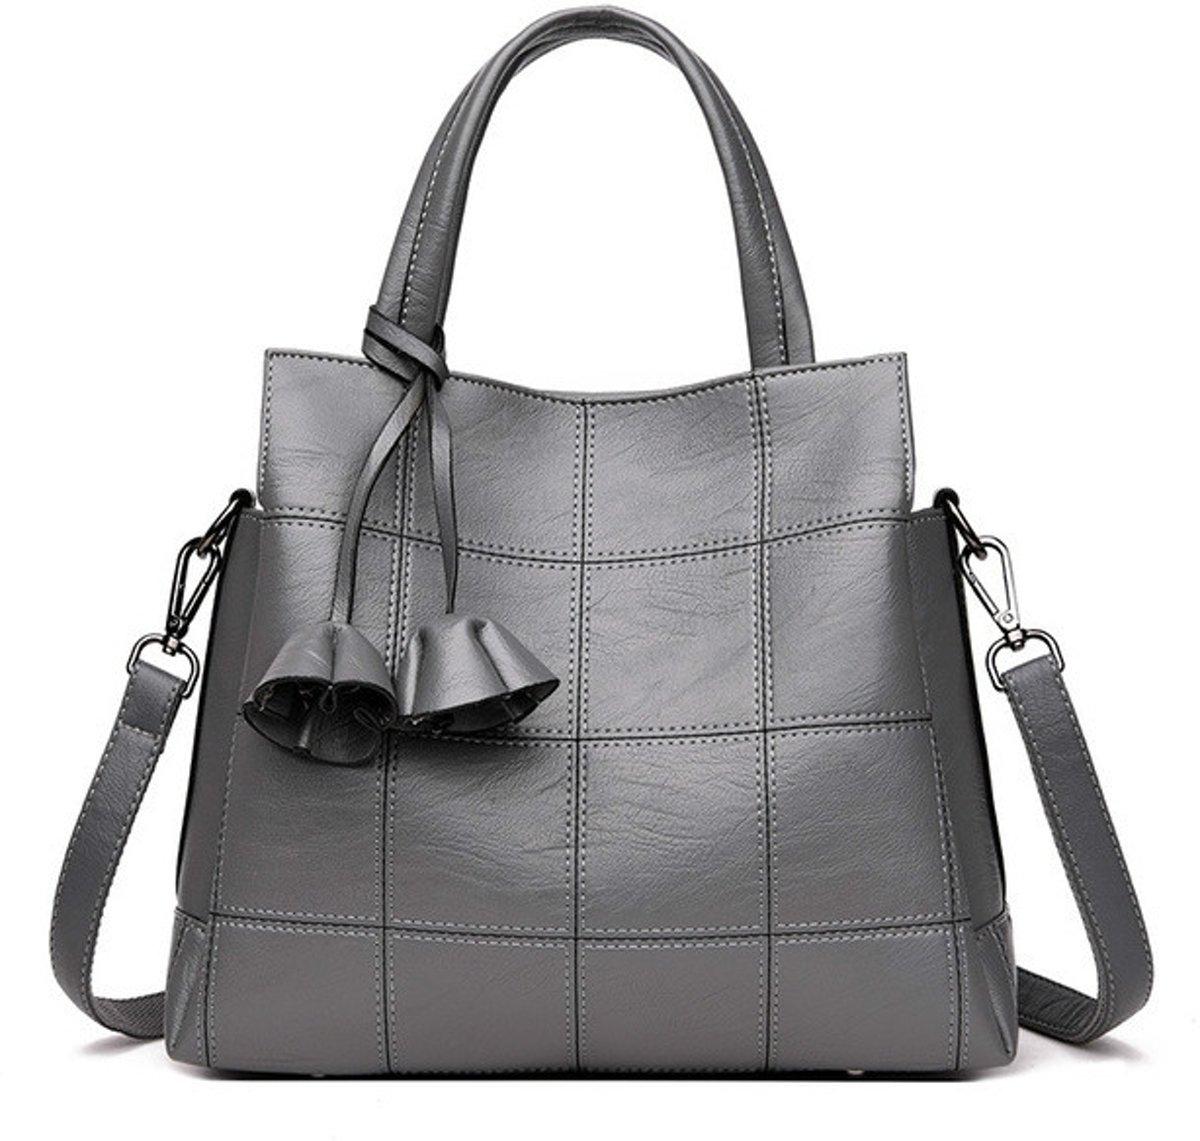 Lederen luxe vrouwen grote capaciteit handtassen schoudertas Cross Body Tas (lichtgrijs)